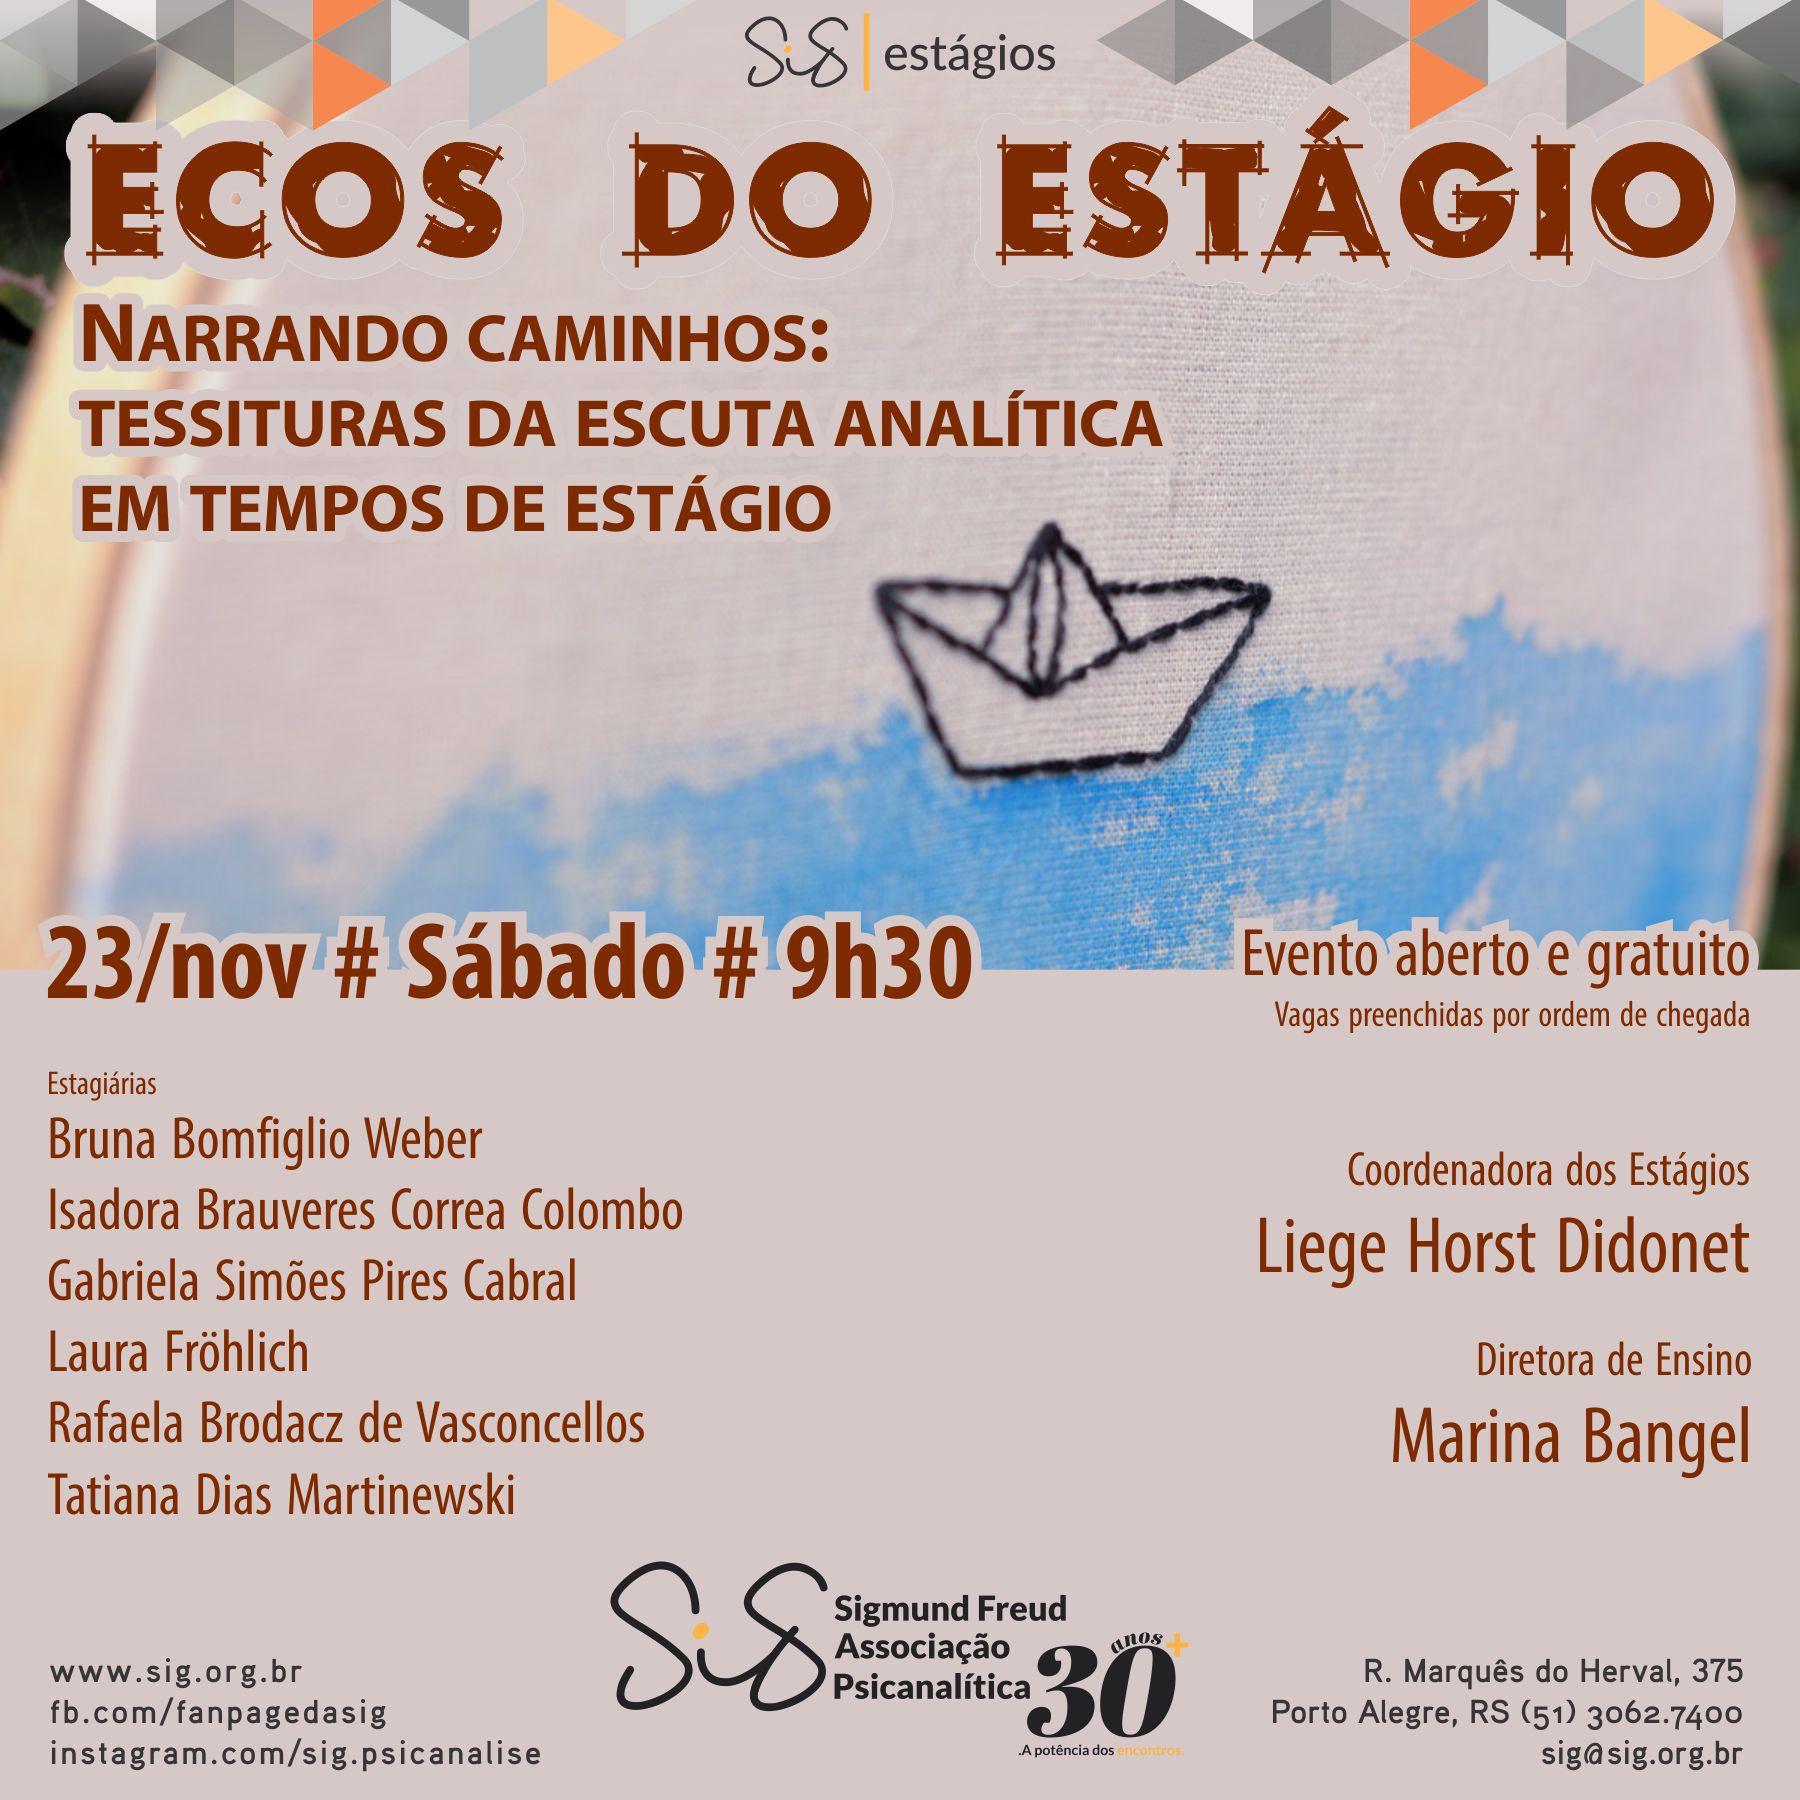 Ecos 2019/2